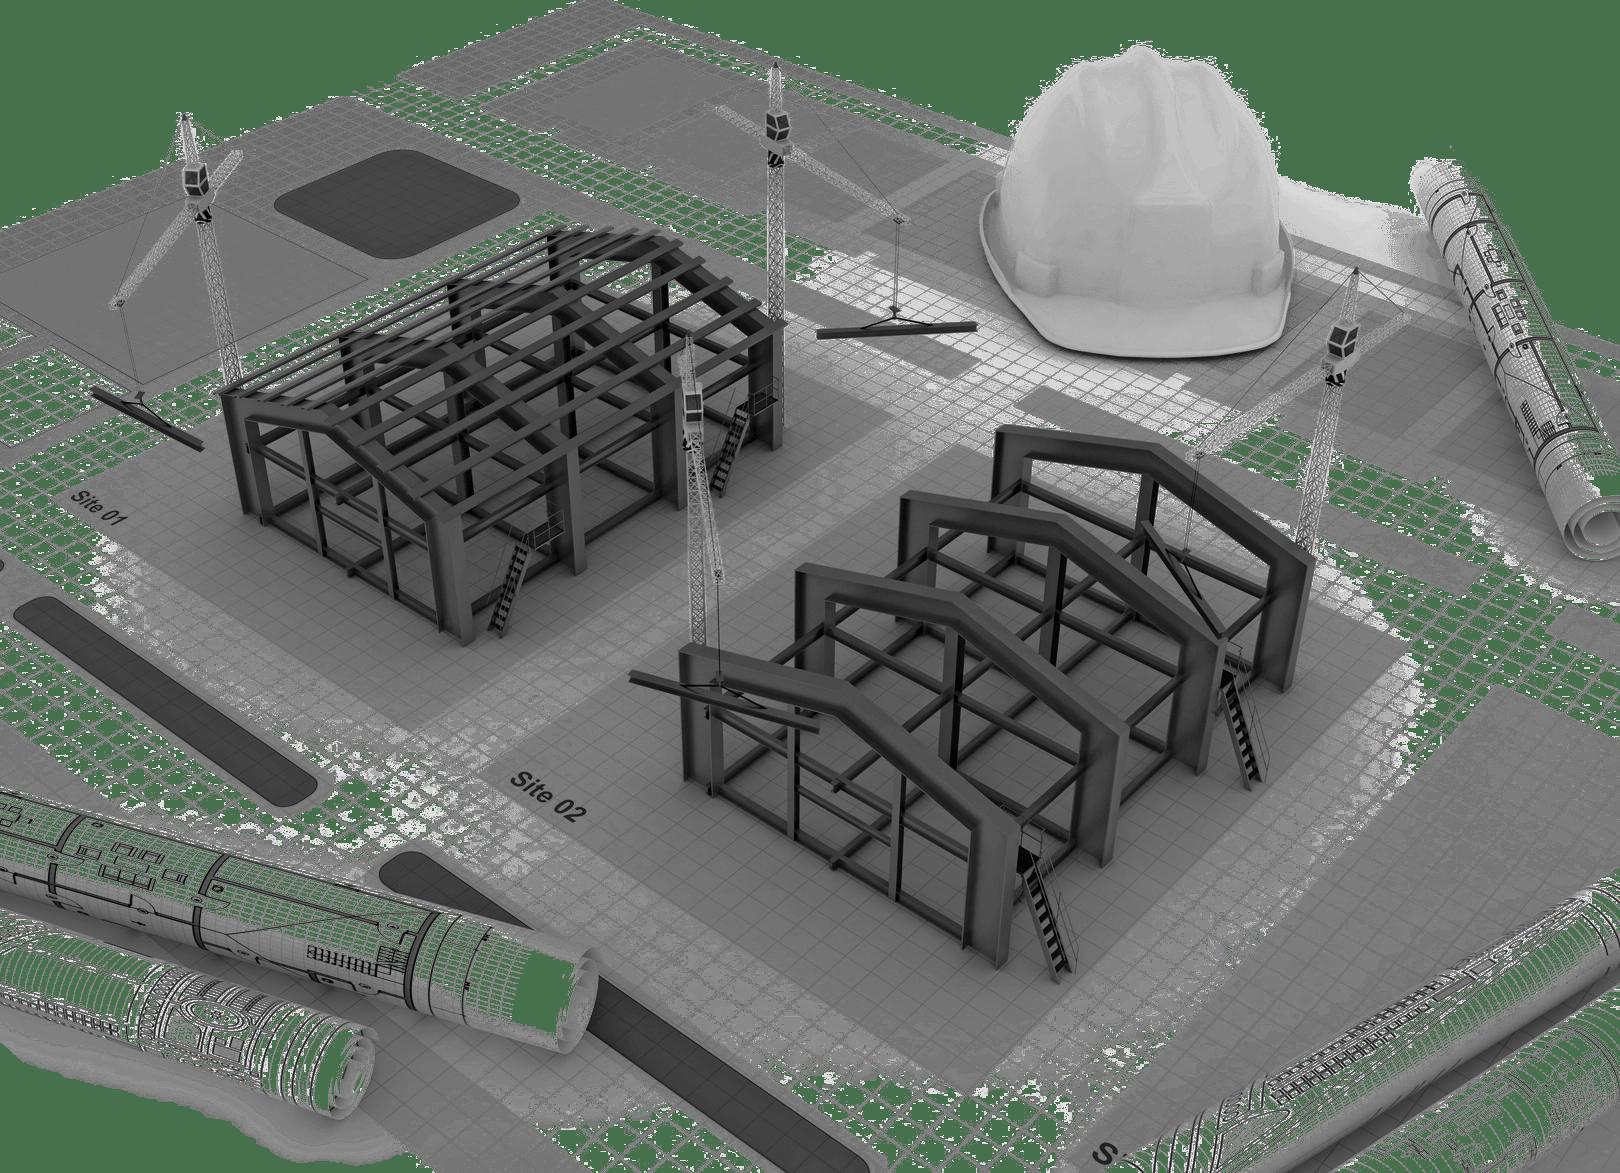 Bureau D Etudes Structures Batiment Et Genie Civil Beton Acier